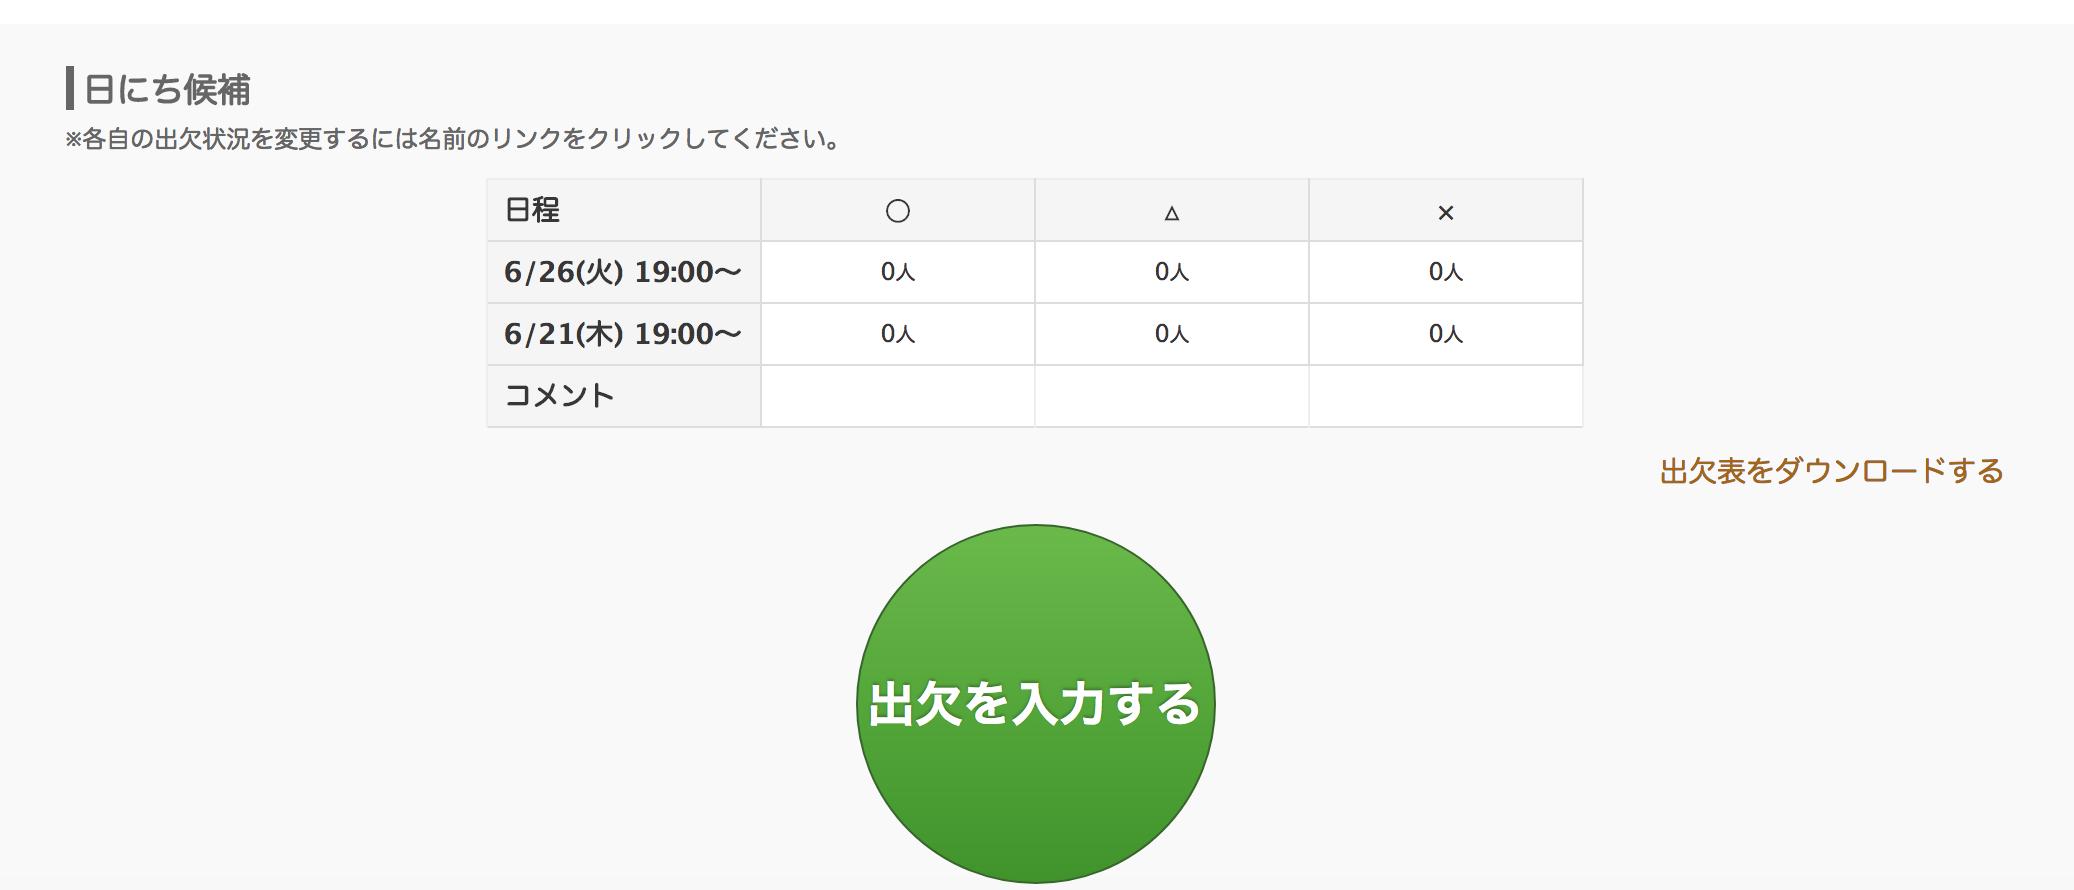 %e8%aa%bf%e6%95%b4%e3%81%95%e3%82%933